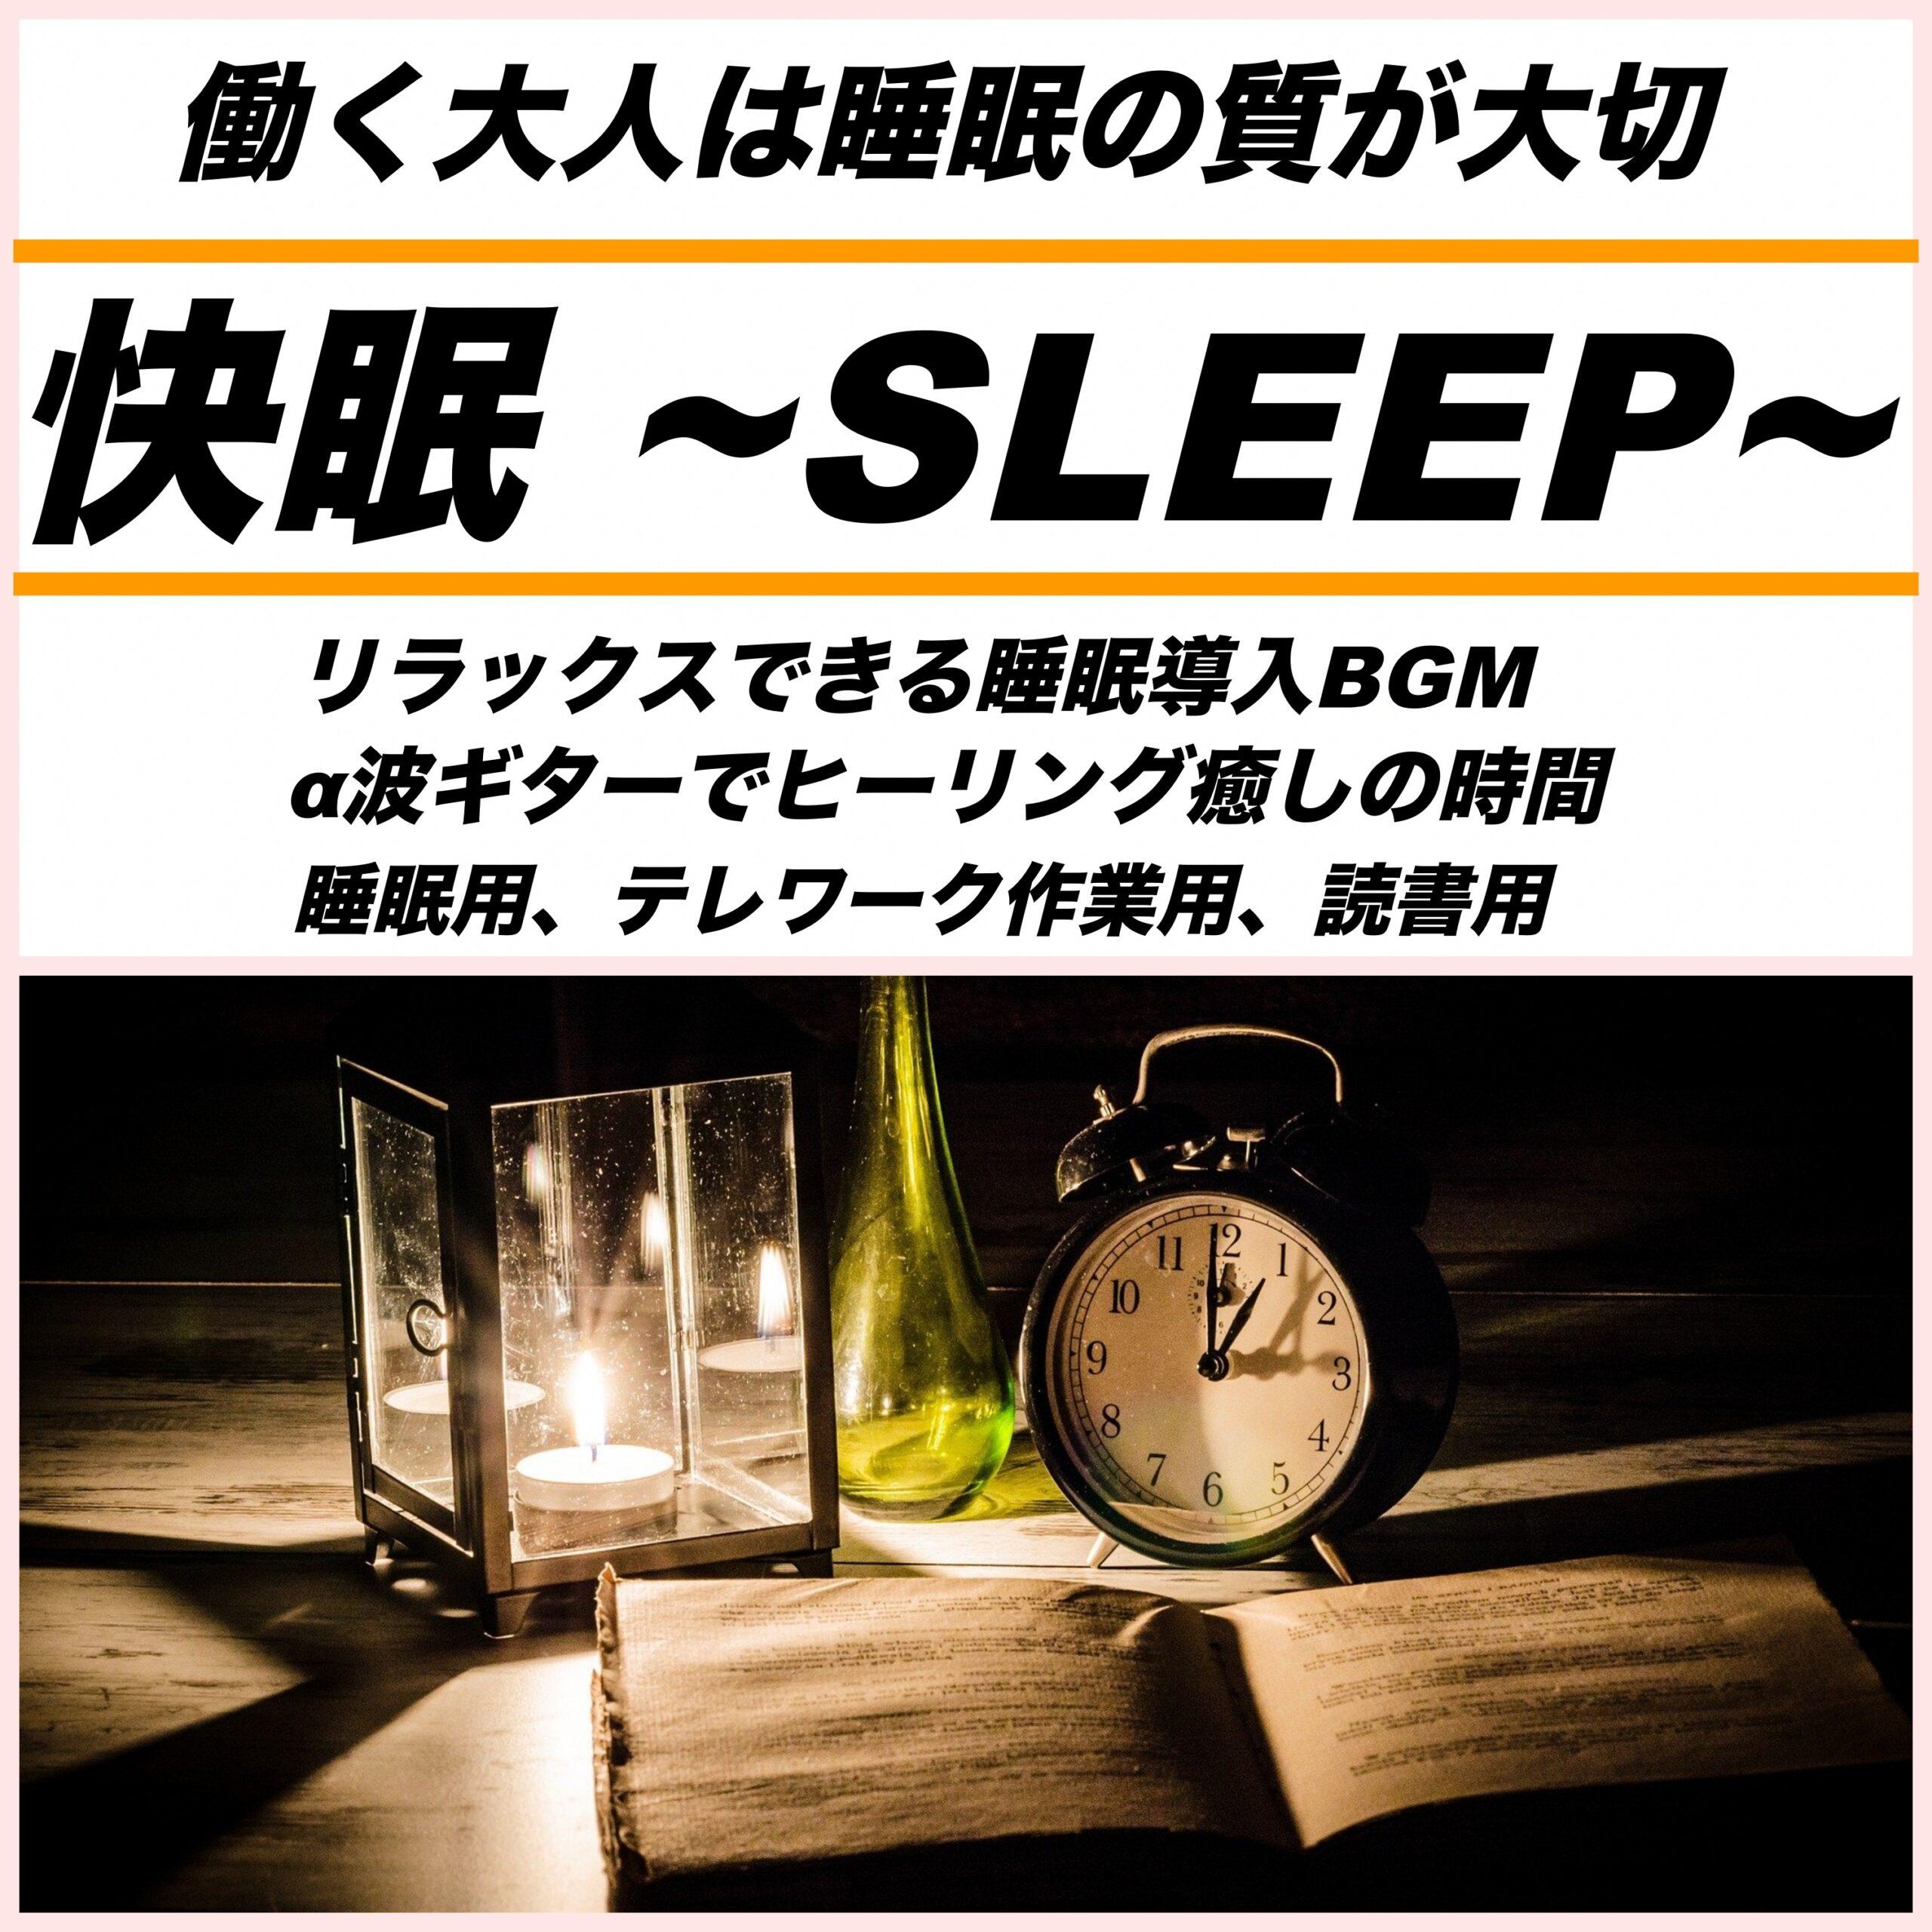 快眠 〜SLEEP〜 働く大人は睡眠の質が大切 リラックスできる睡眠導入BGM α波ギターでヒーリング癒しの時間 睡眠用、テレワーク用、読書用